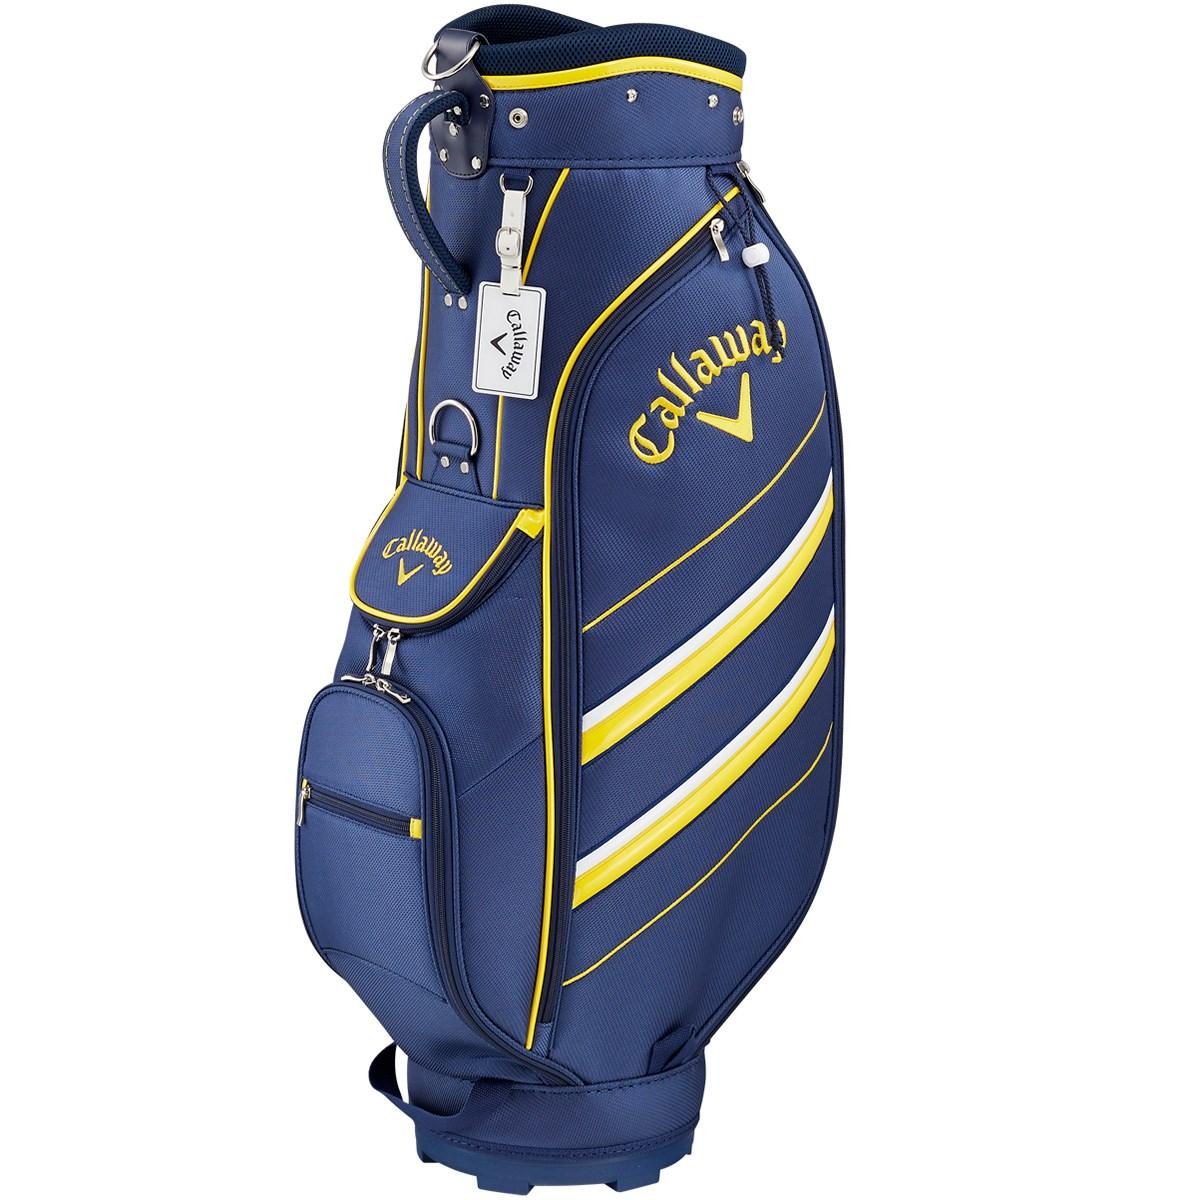 キャロウェイゴルフ Callaway Golf BG CT SPORT JM キャディバッグ ネイビー レディス